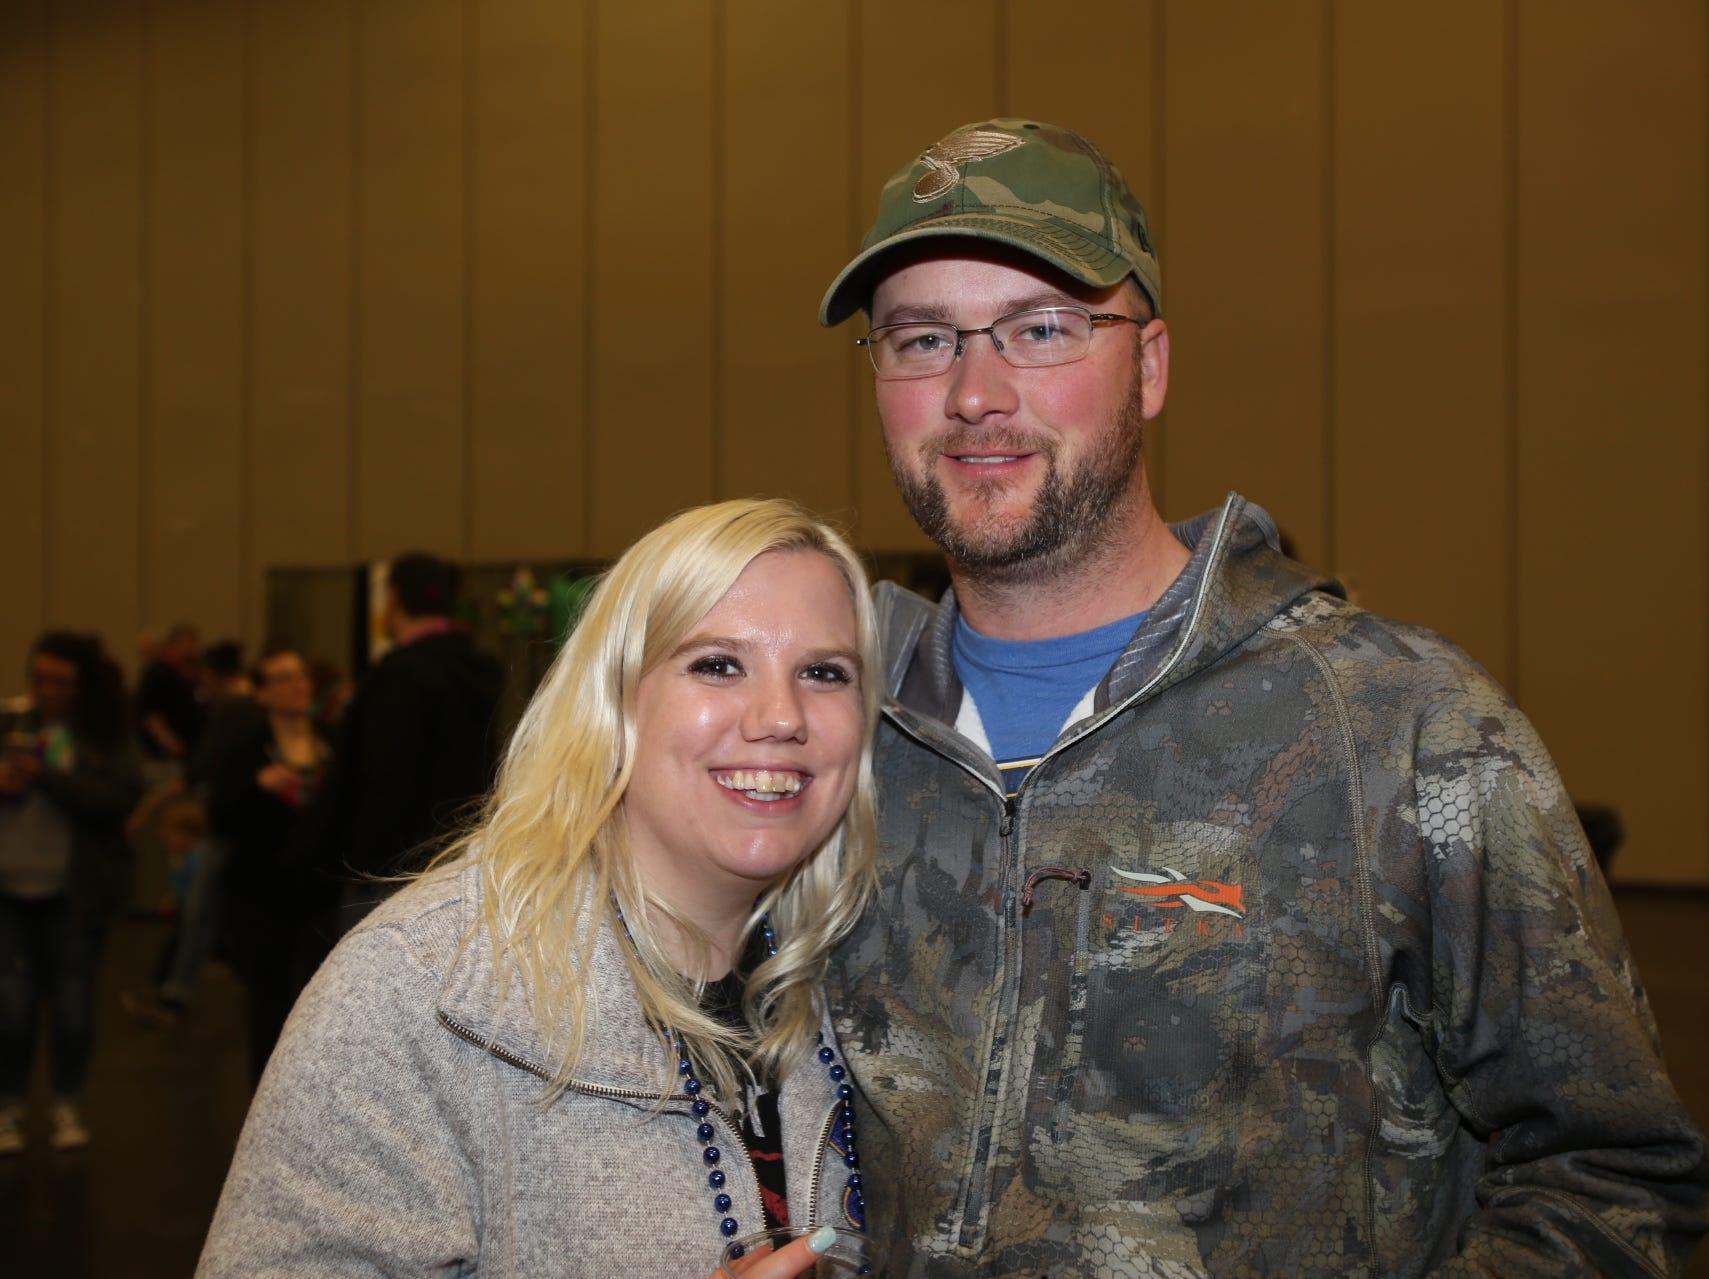 Bridget Riley and Chris Hall